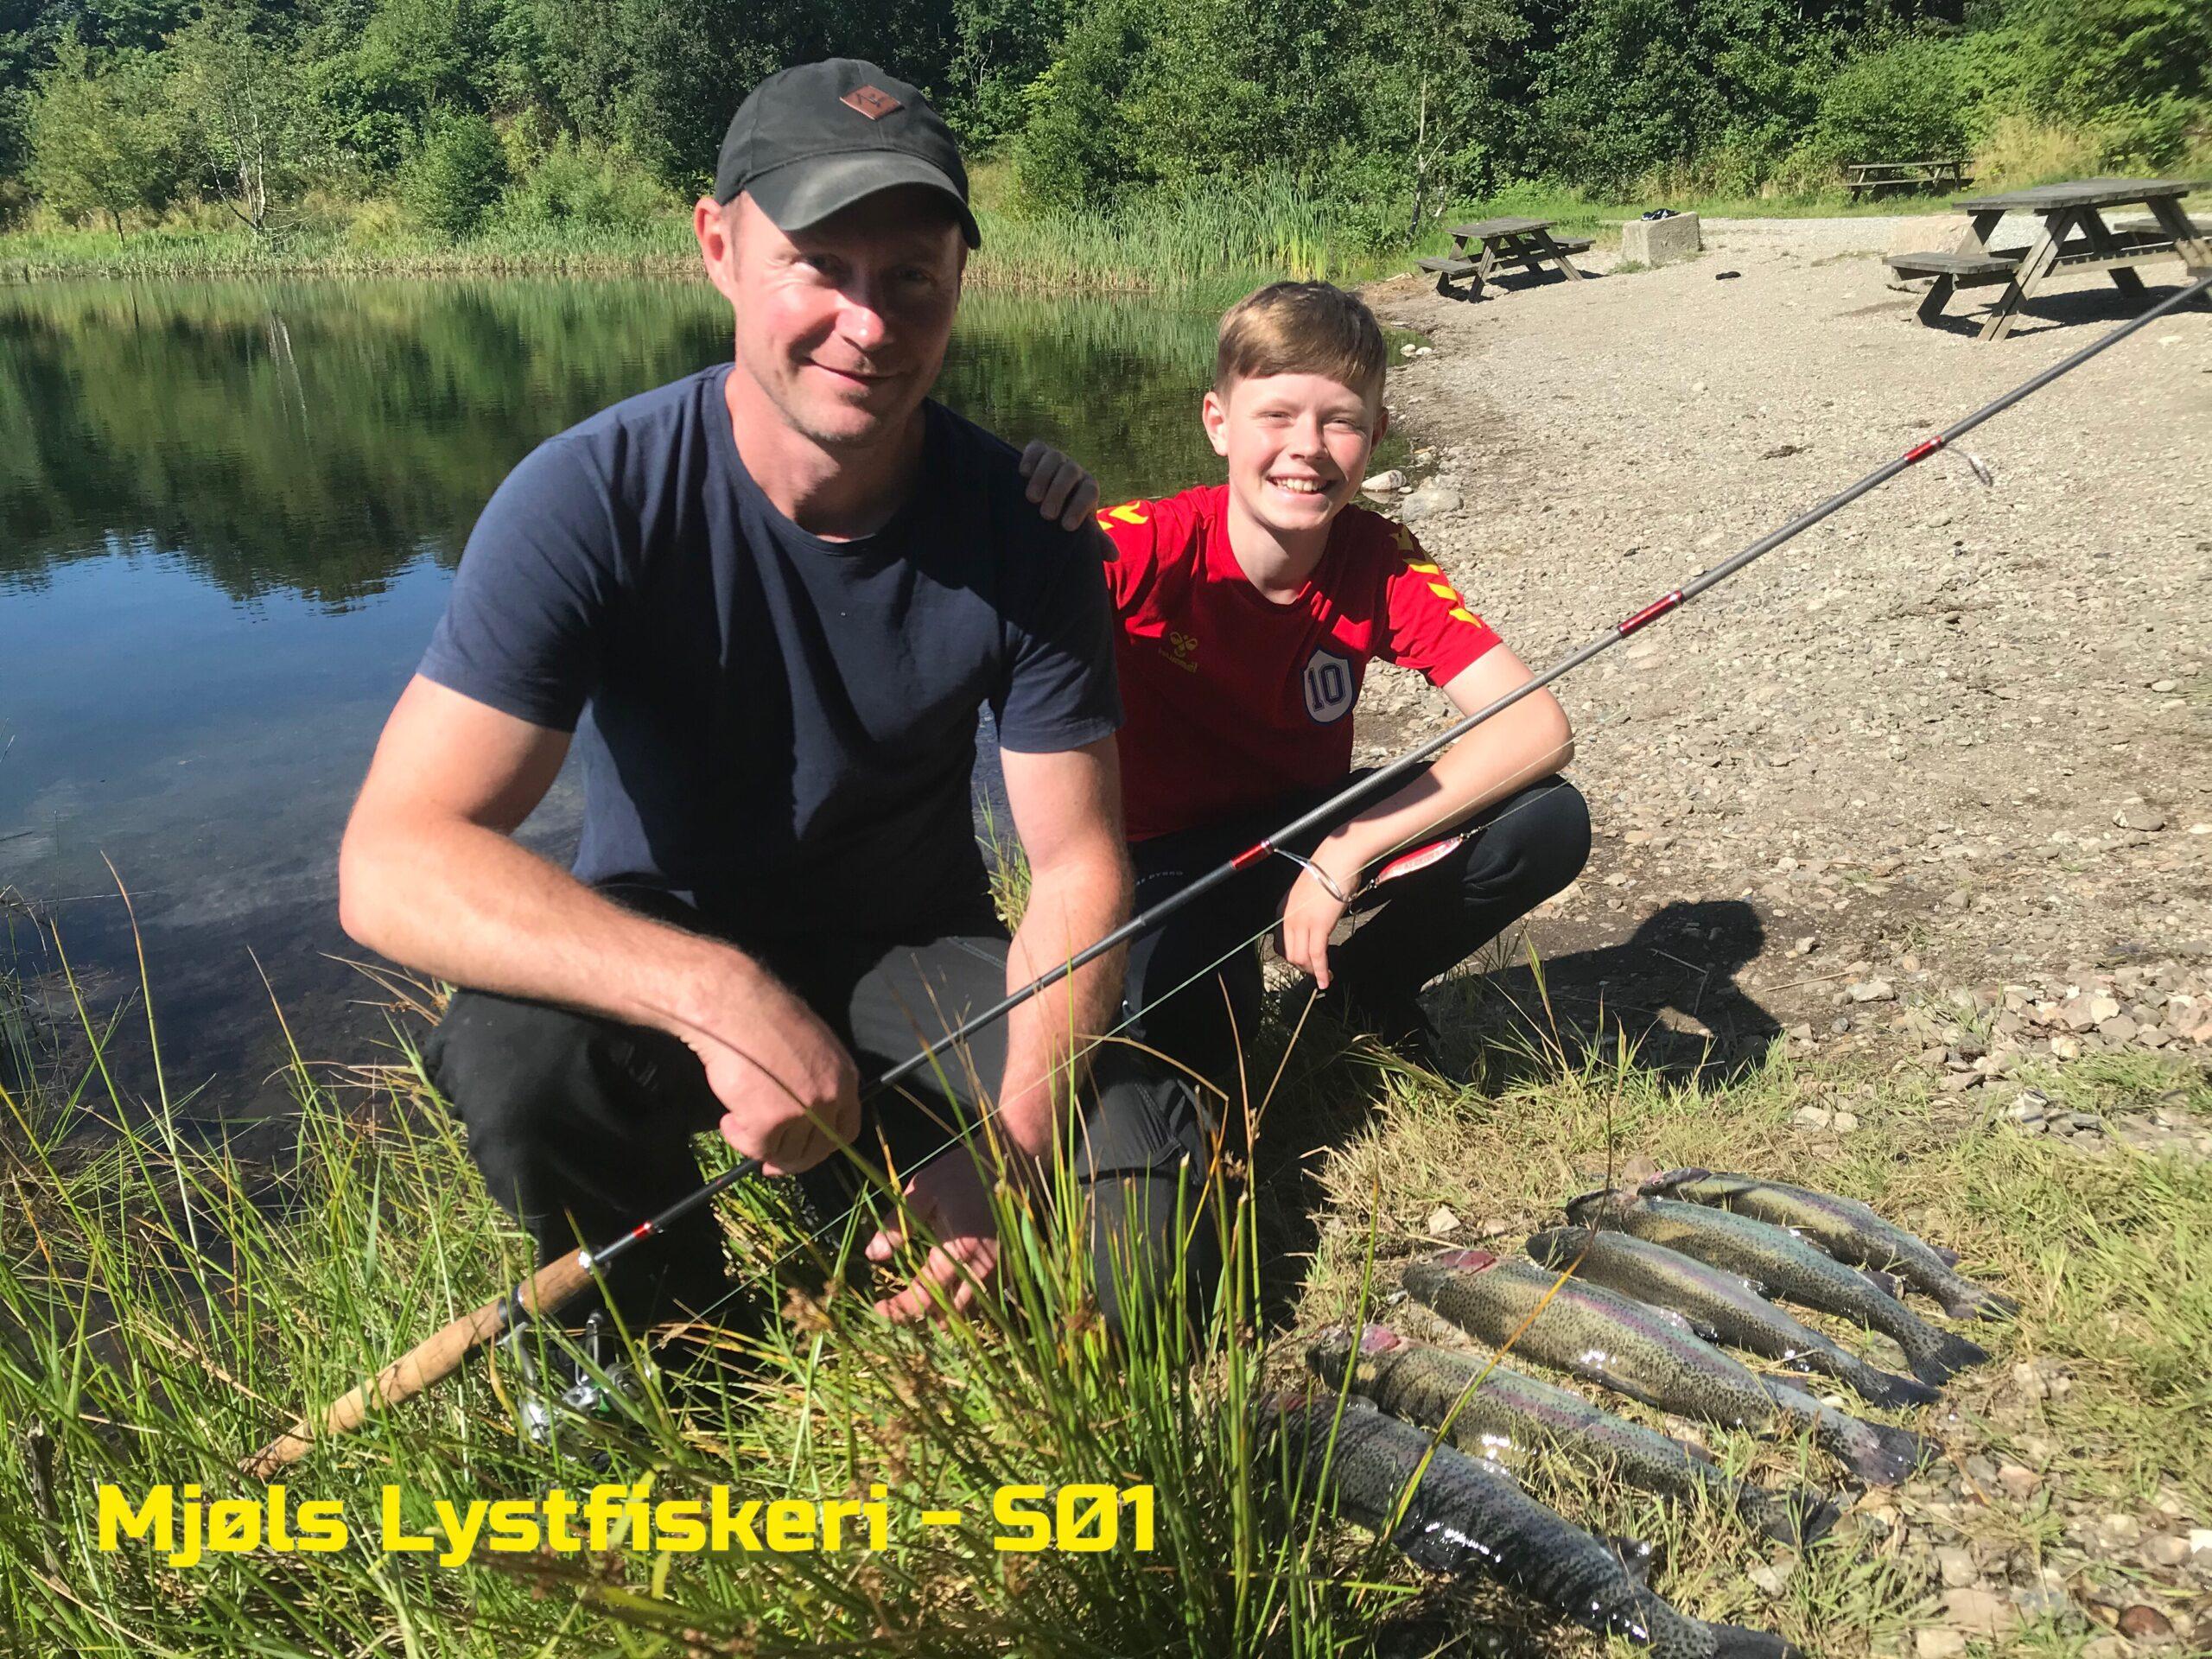 Fredag formiddag blev aftensmaden sikret i Mjøls Lystfiskeri